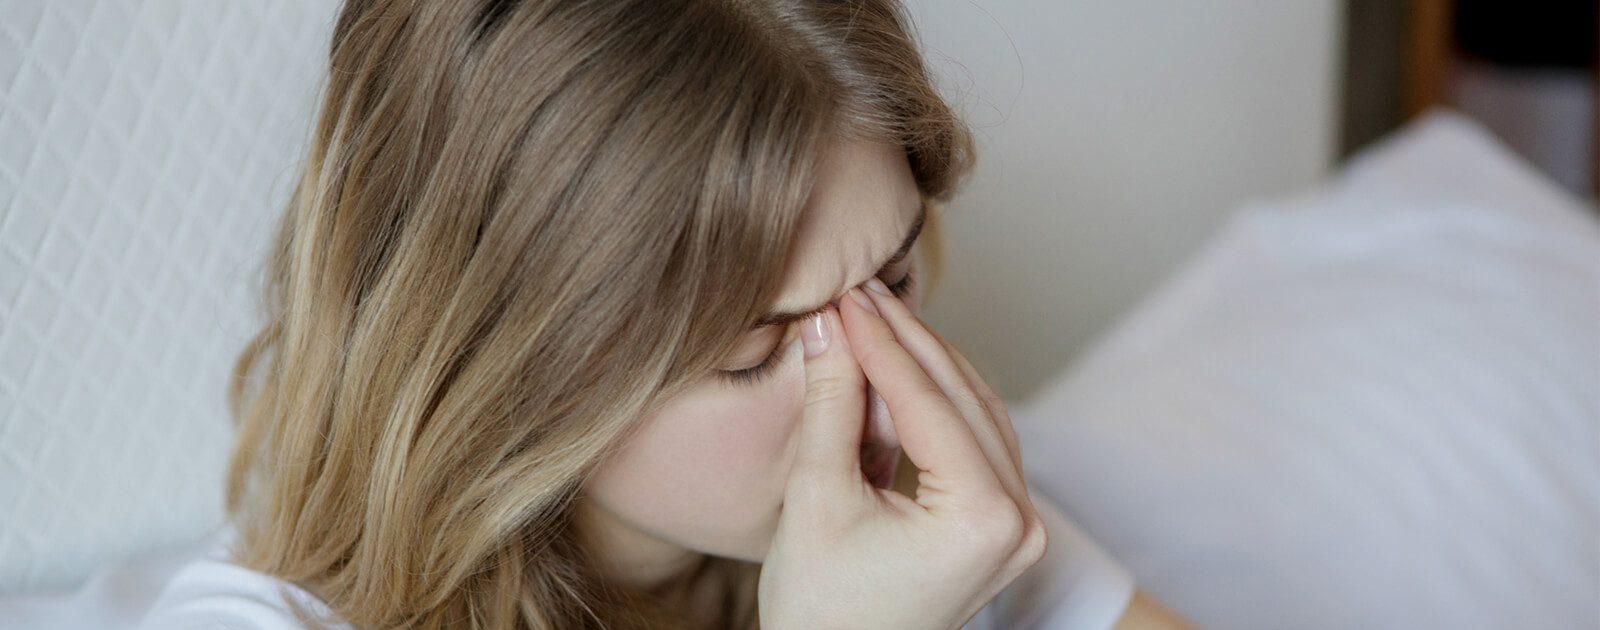 Frau fasst sich an die Nase wegen trockener Nasenschleimhaut.